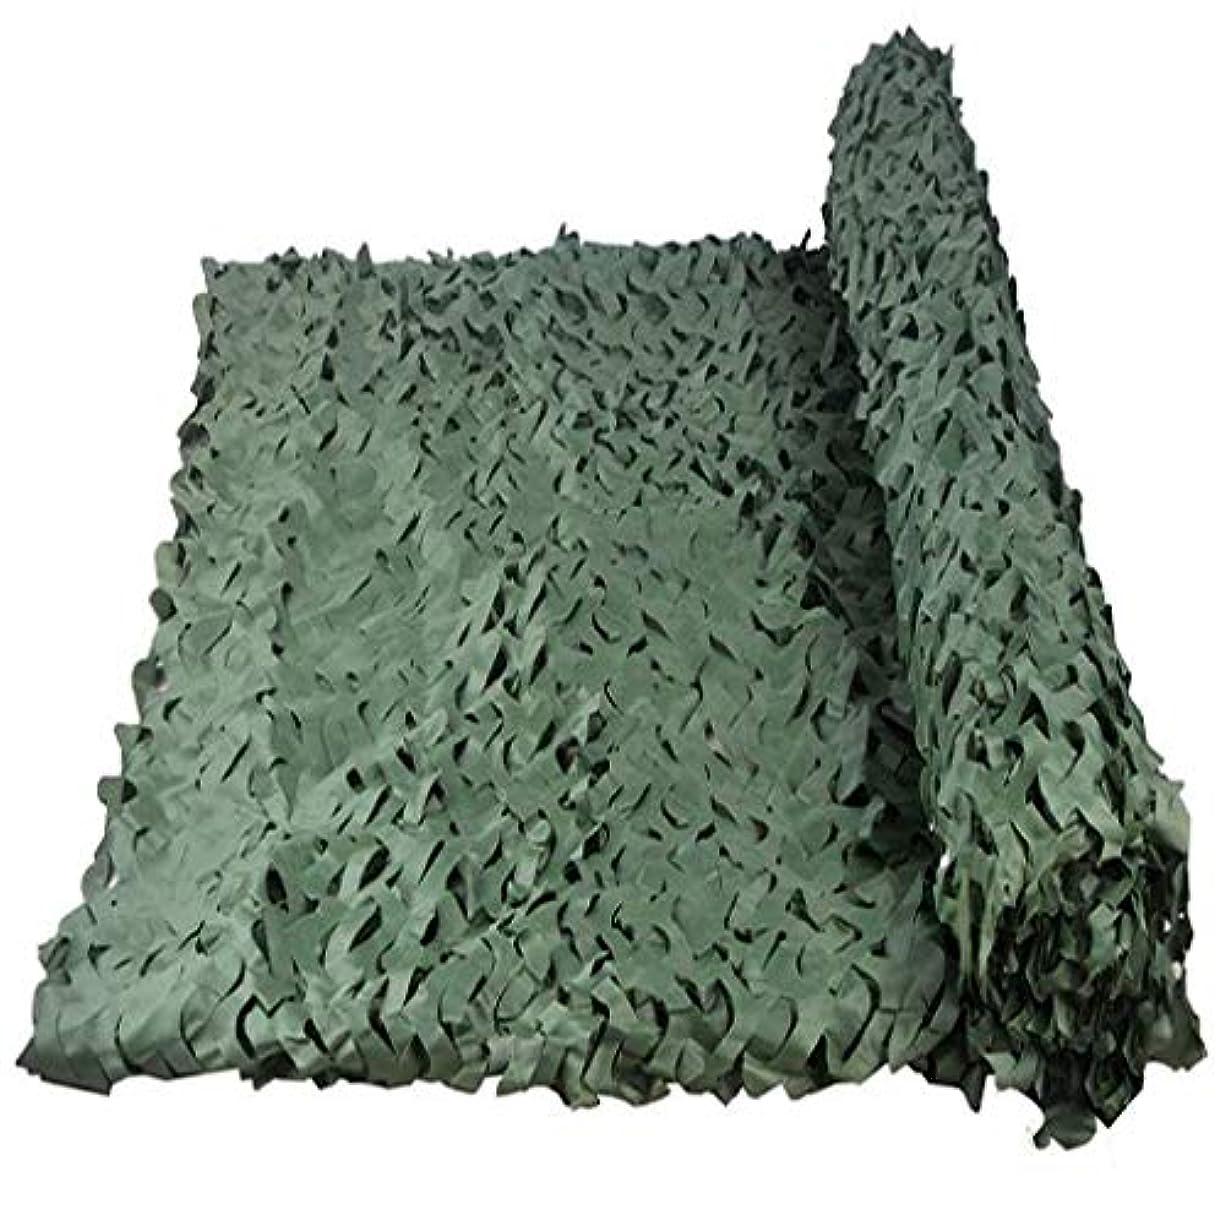 ブランチピニオンたくさんジャングルの森 フォレストカモフラージュネット防空カモ??フラージュキャンプ目に見えない日焼け止め車の日除けキャンプフォレスト隠しキャンプシェルターテントカモフラージュカバー(2 * 3m) (Size : 5*6m)